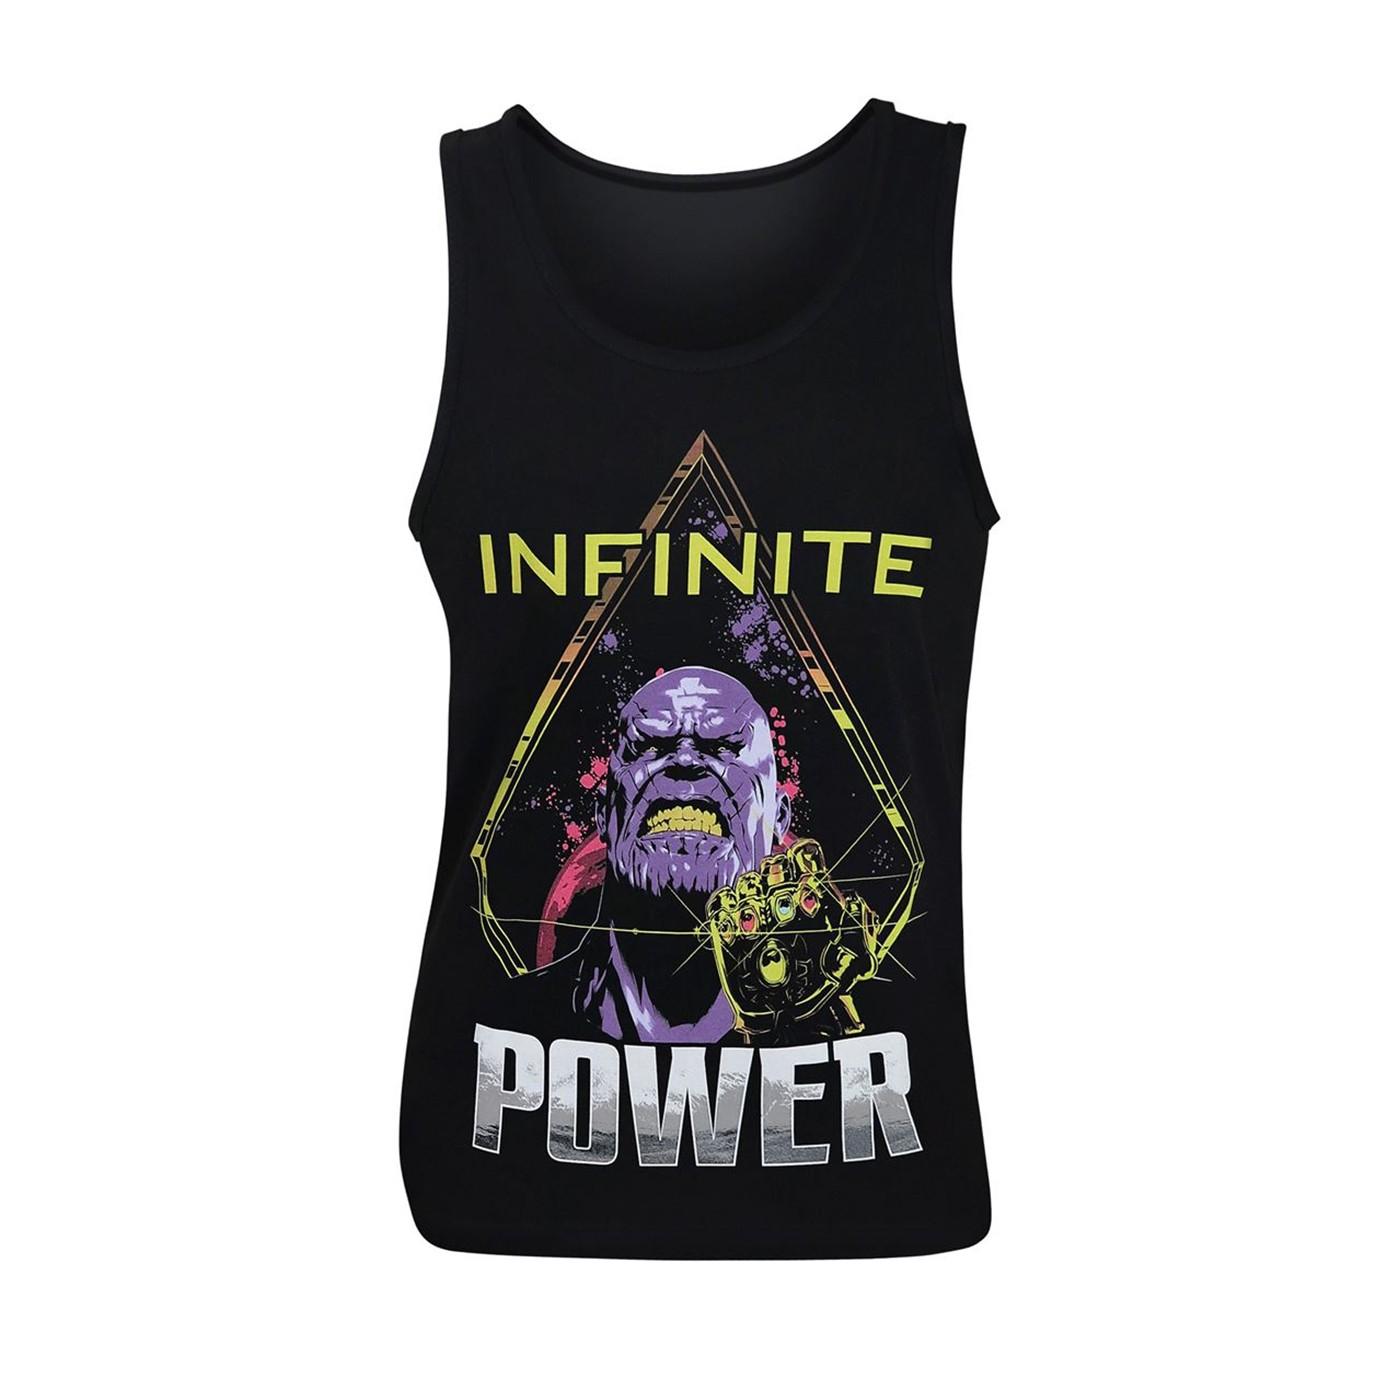 Avengers Infinity War Thanos Power Up Men's Tank Top